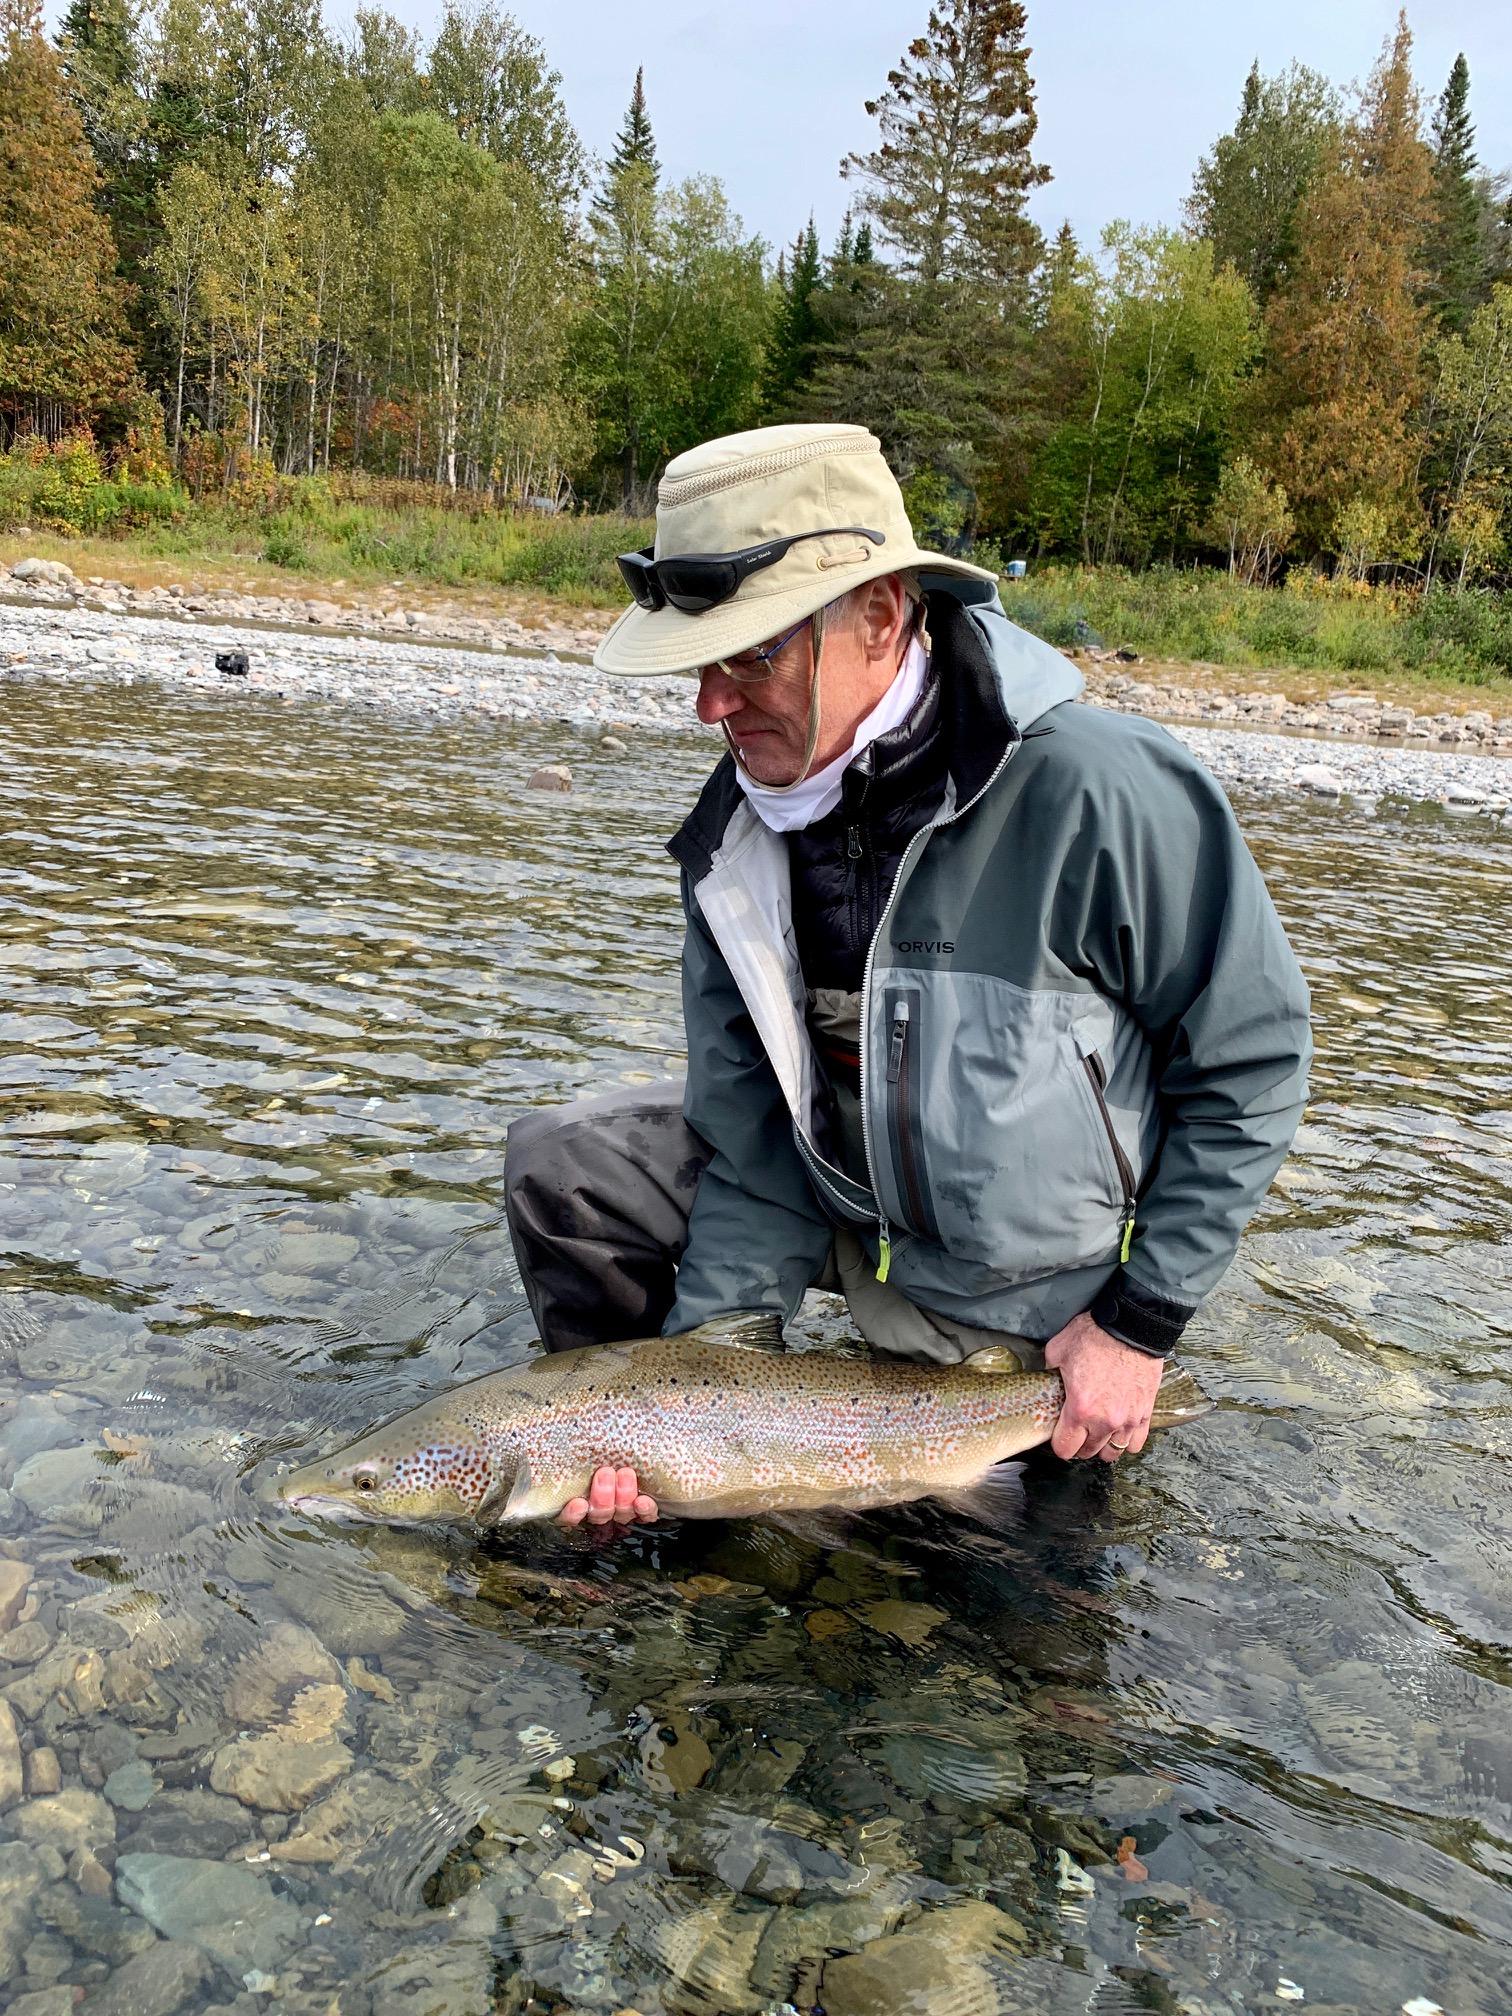 John Wemekamp a capturé ce superbe saumon sur la rivière Bonaventure. Félicitations, John! À l'année prochaine!